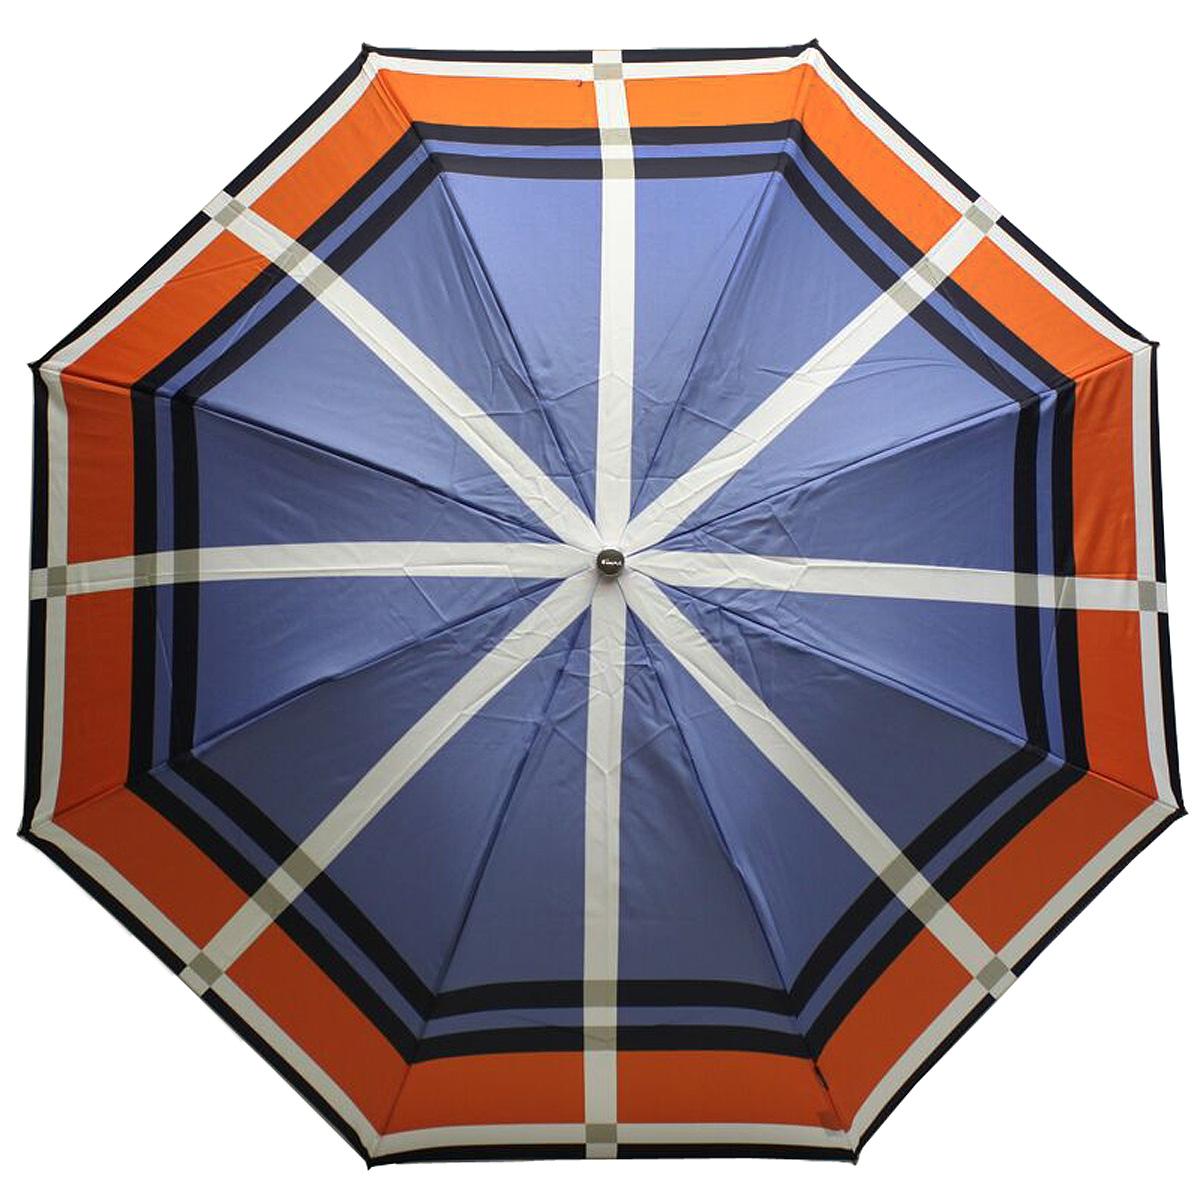 Зонт женский Knirps, автомат, 3 сложения, цвет: синий, белый, оранжевый. 82465328246532Стильный женский зонт Knirps, выполнен из стали и полиэстера, обработанного водоотталкивающей пропиткой. Зонт оформлен геометрическим принтом, который сочетает несколько сочных цветов. Зонт оснащен полностью автоматическим механизмом, каркас раскладывается в три сложения. Ручка разработана с учетом требований эргономики, имеет полиуретановое покрытие. К зонту прилагается чехол на молнии. Компактные размеры зонта в сложенном виде позволят ему без труда поместиться в сумочке и оказаться под рукой в нужный момент.